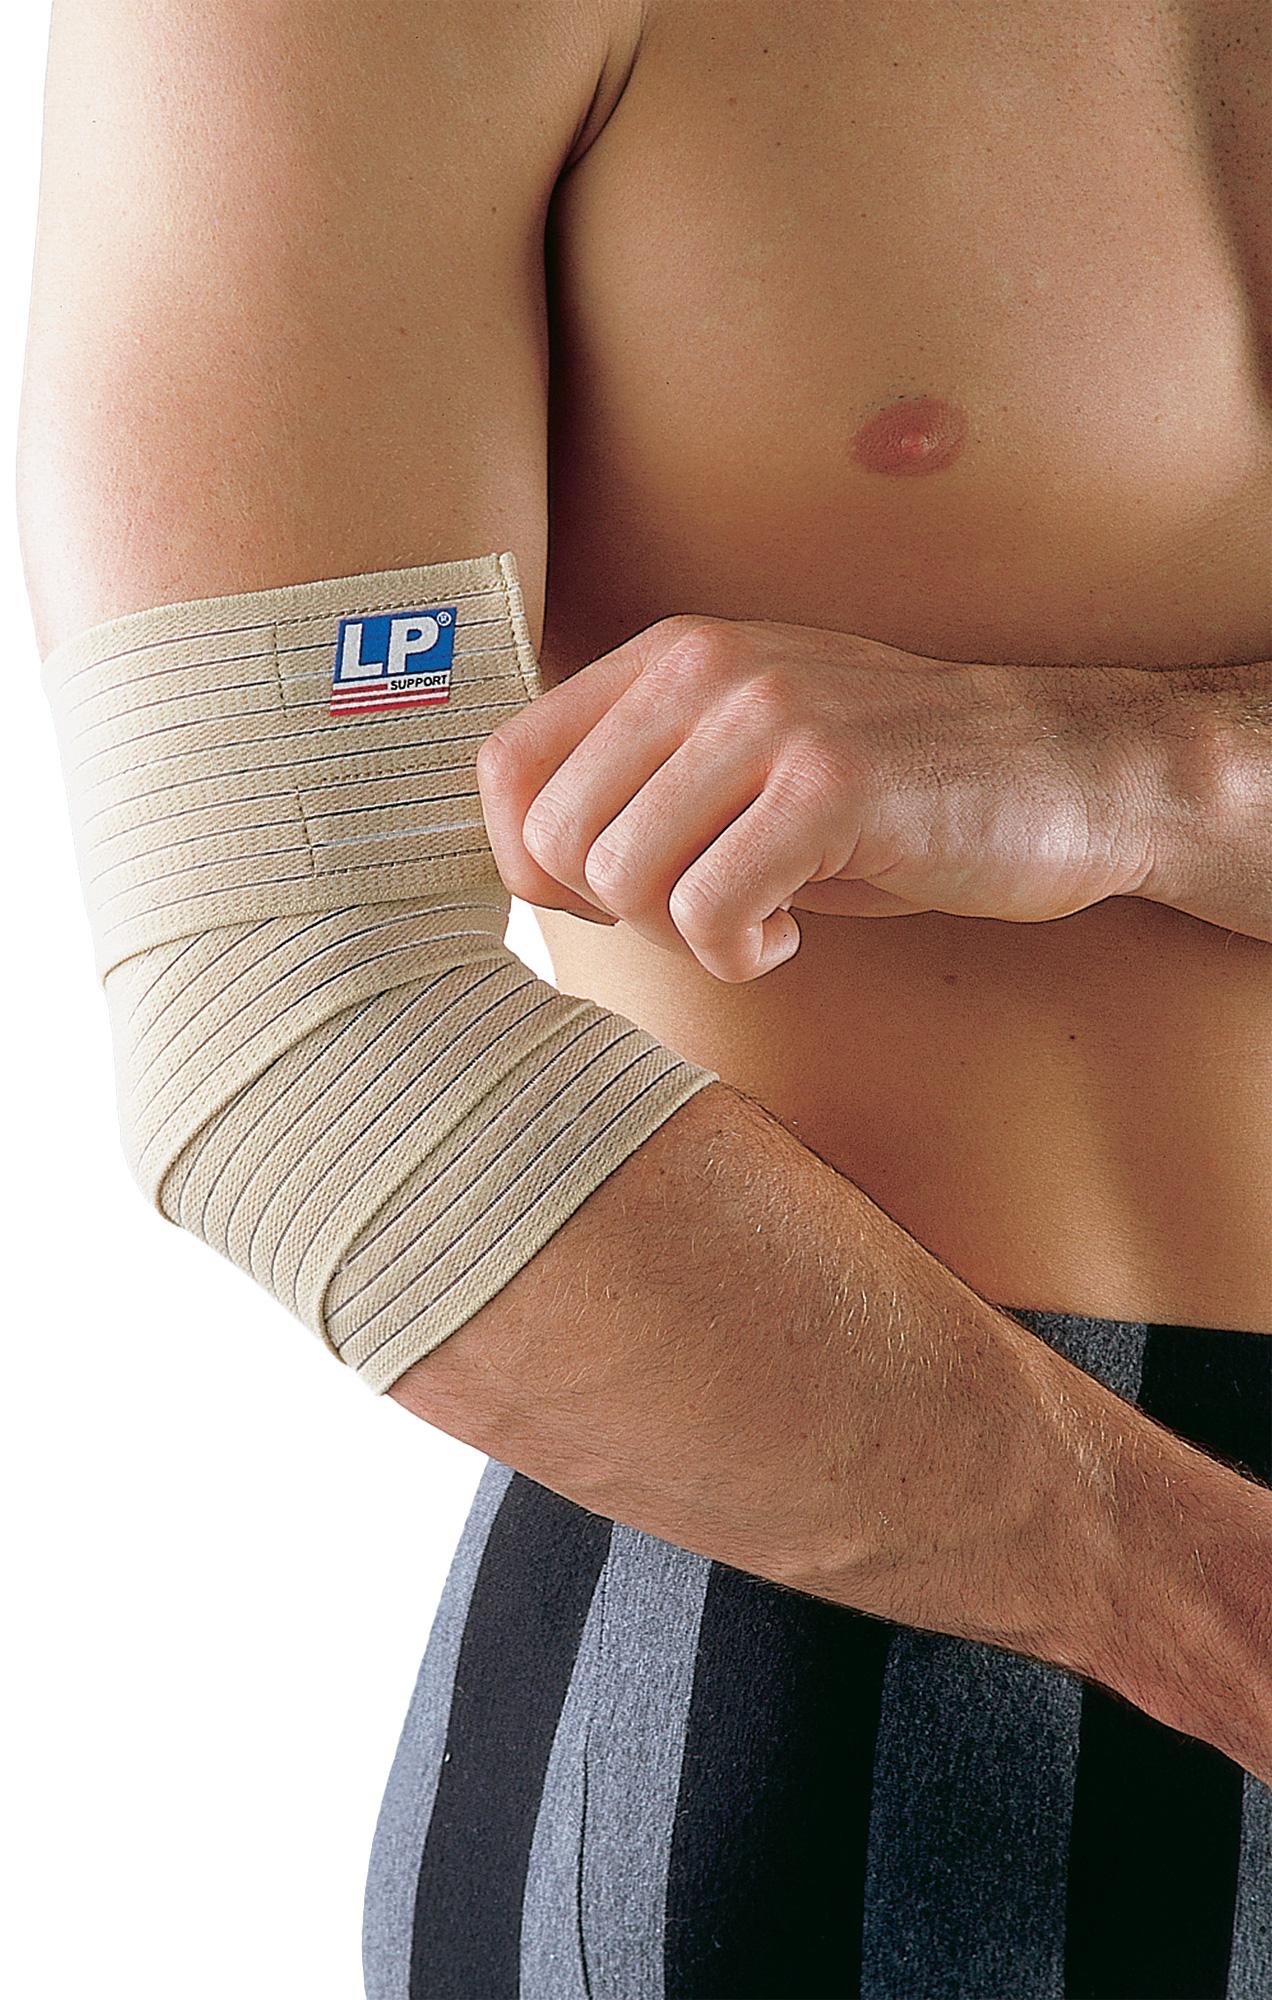 LP Support Бинт для локтя LP 632 поддержка локтя elastic elbow support